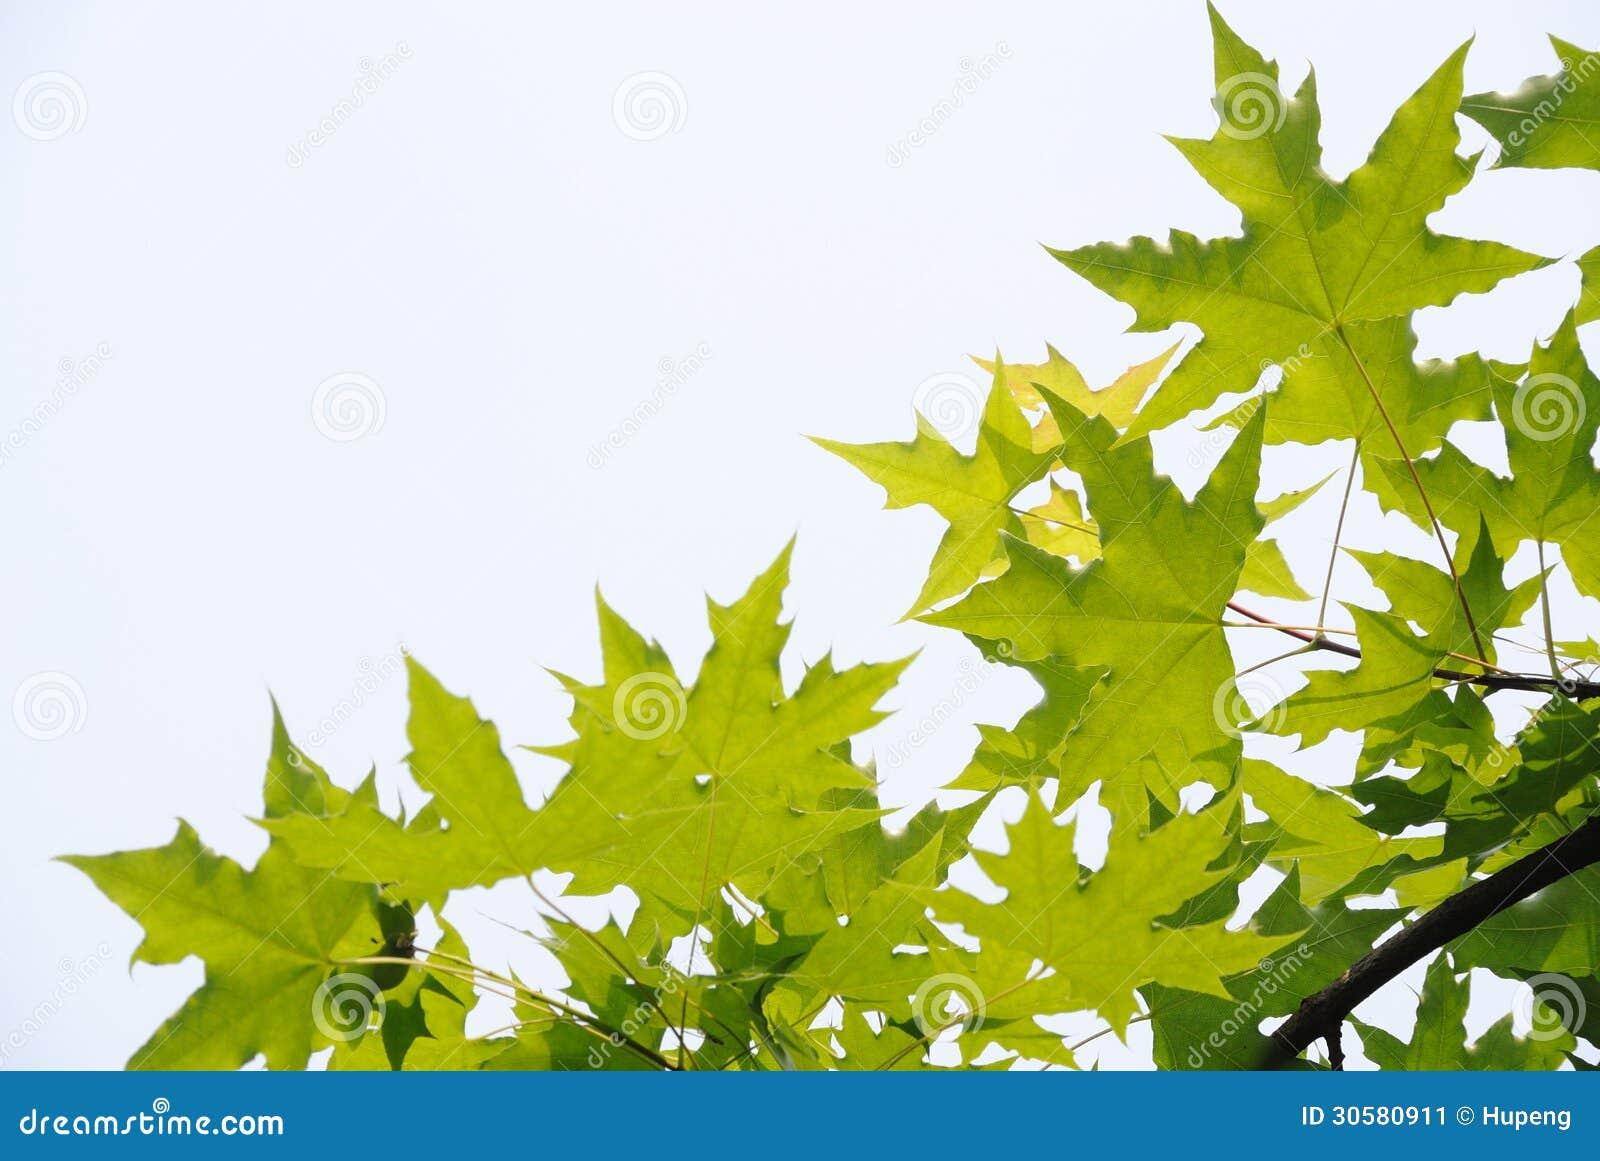 Fresh plane trees leaves